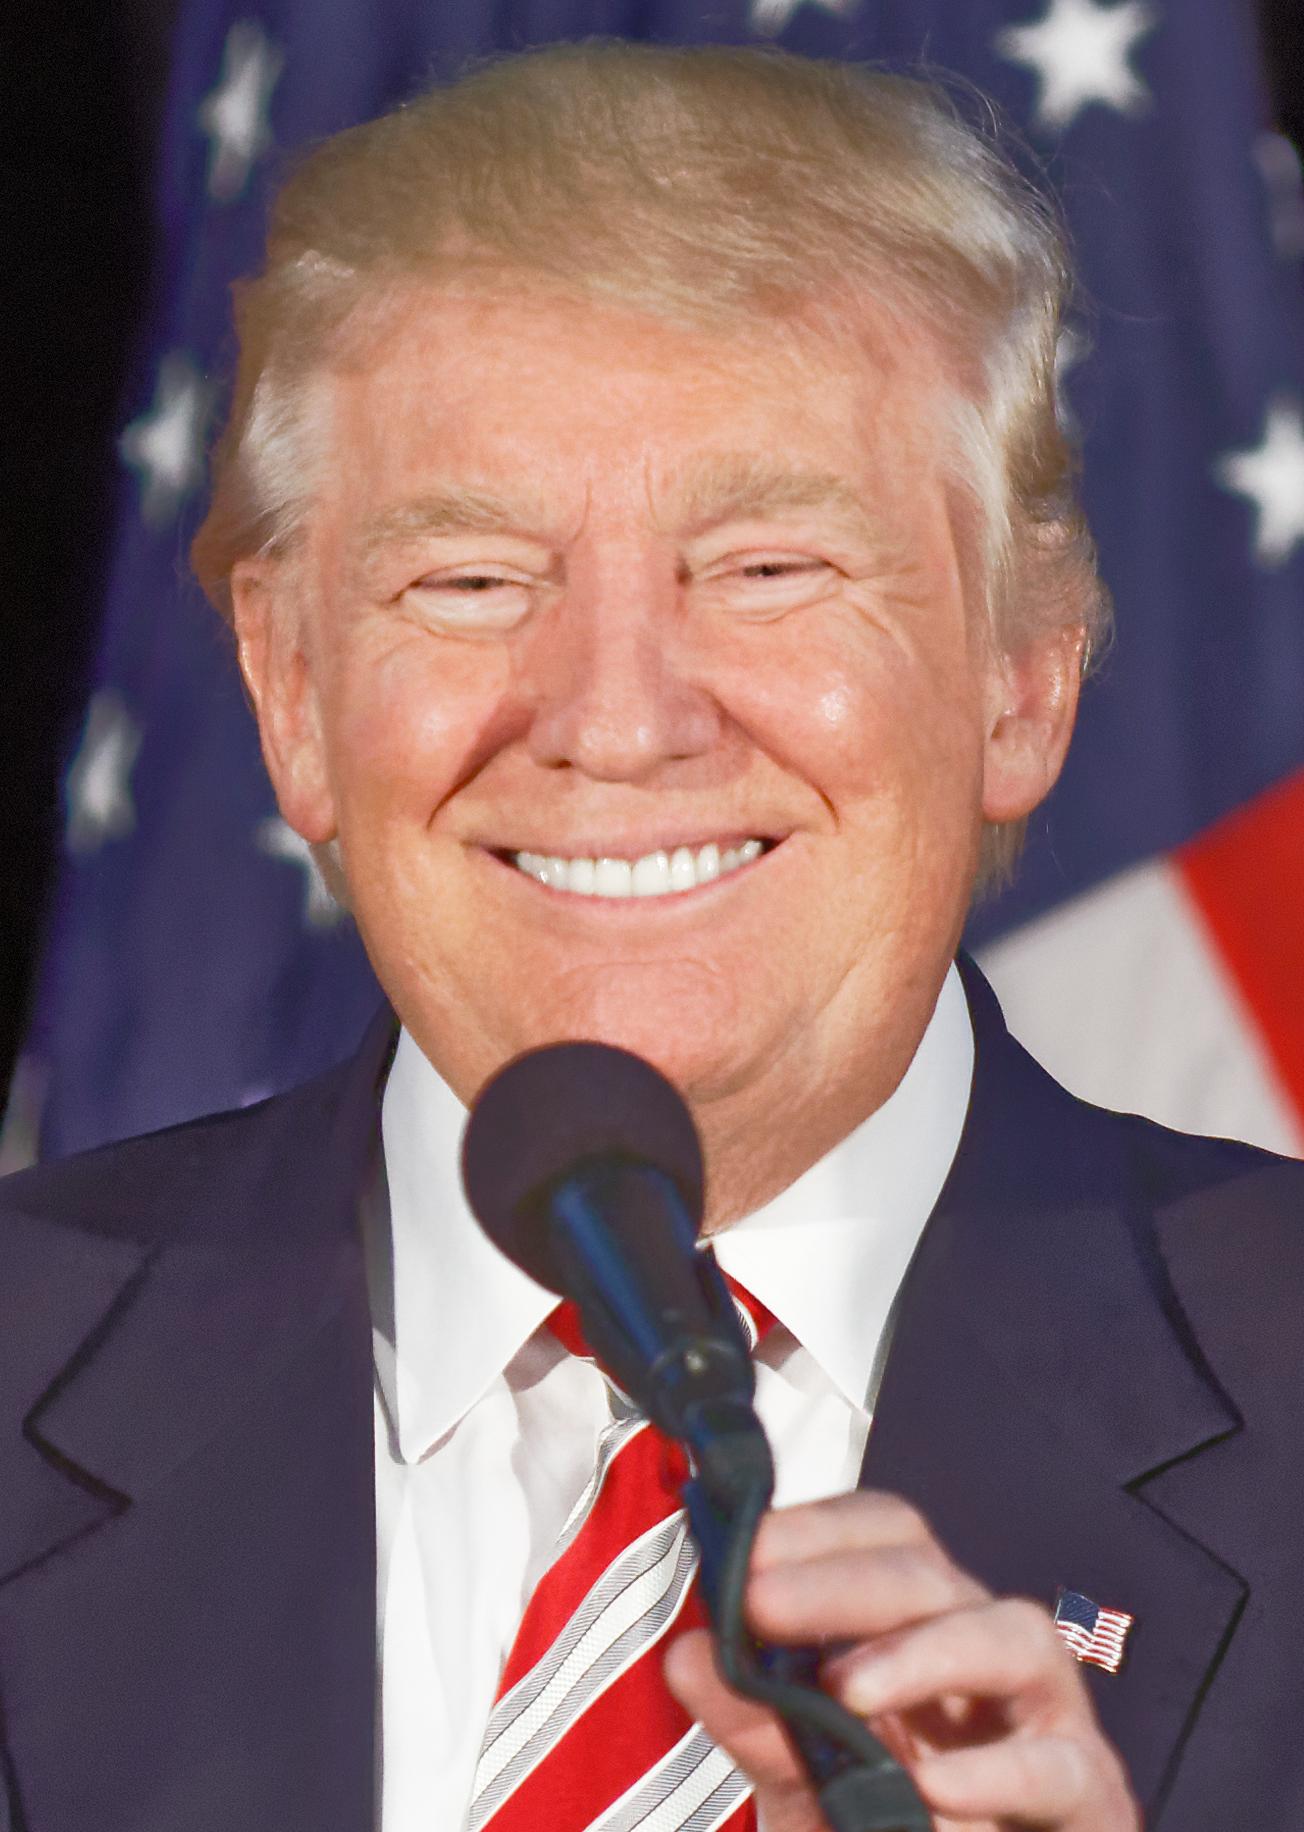 Donald Trump - Wikipedia, la enciclopedia libre